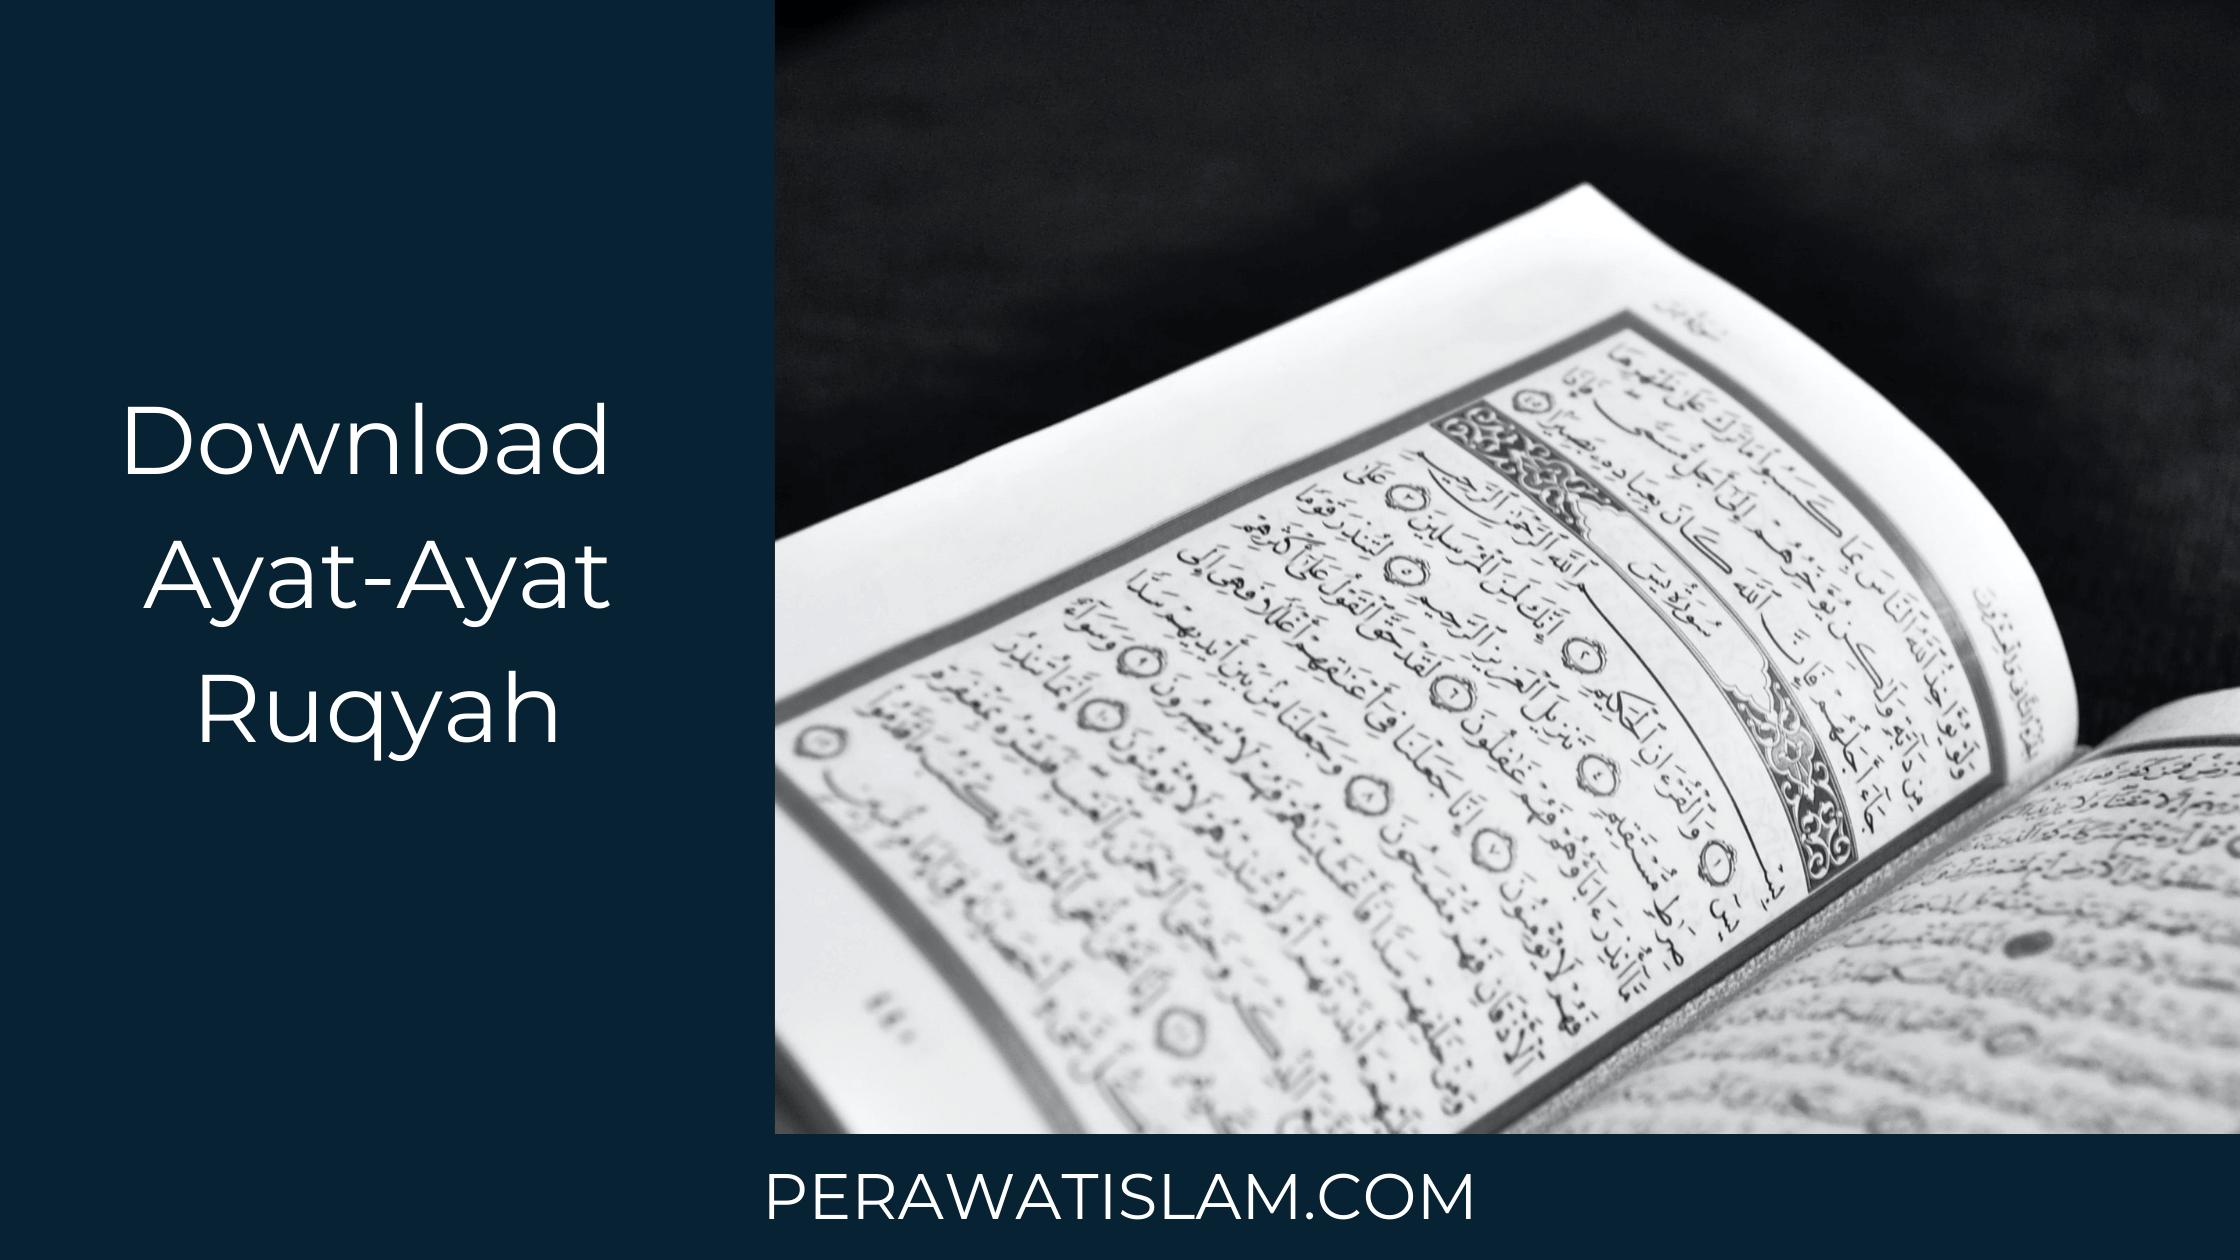 Download Senarai Ayat-Ayat Ruqyah Percuma